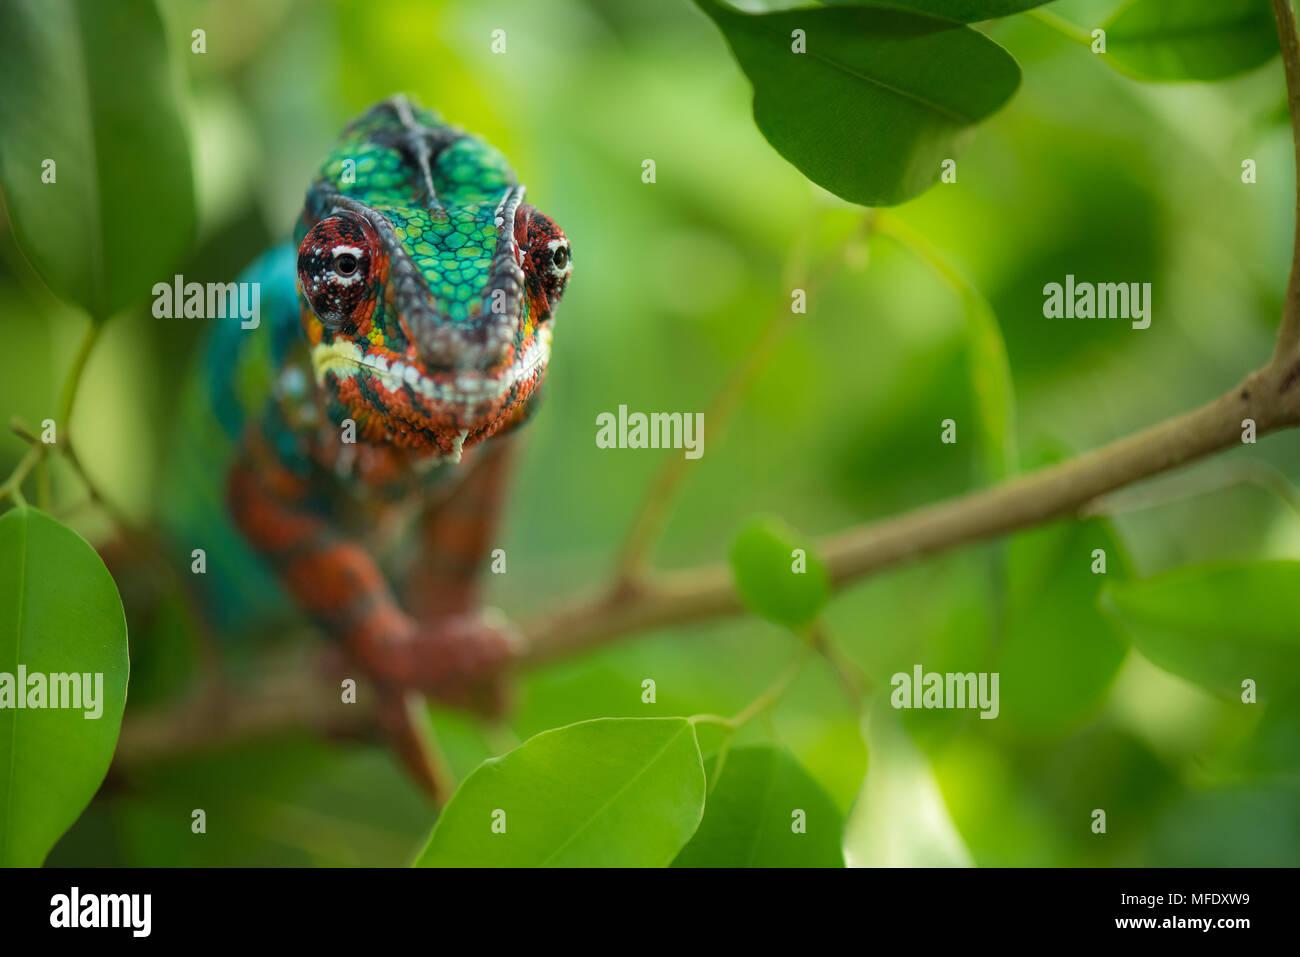 Camaleón pantera con brillantes colores / Ambilobe / Madagascar / fauna Furcifer pardalis / chameleon en rama Imagen De Stock